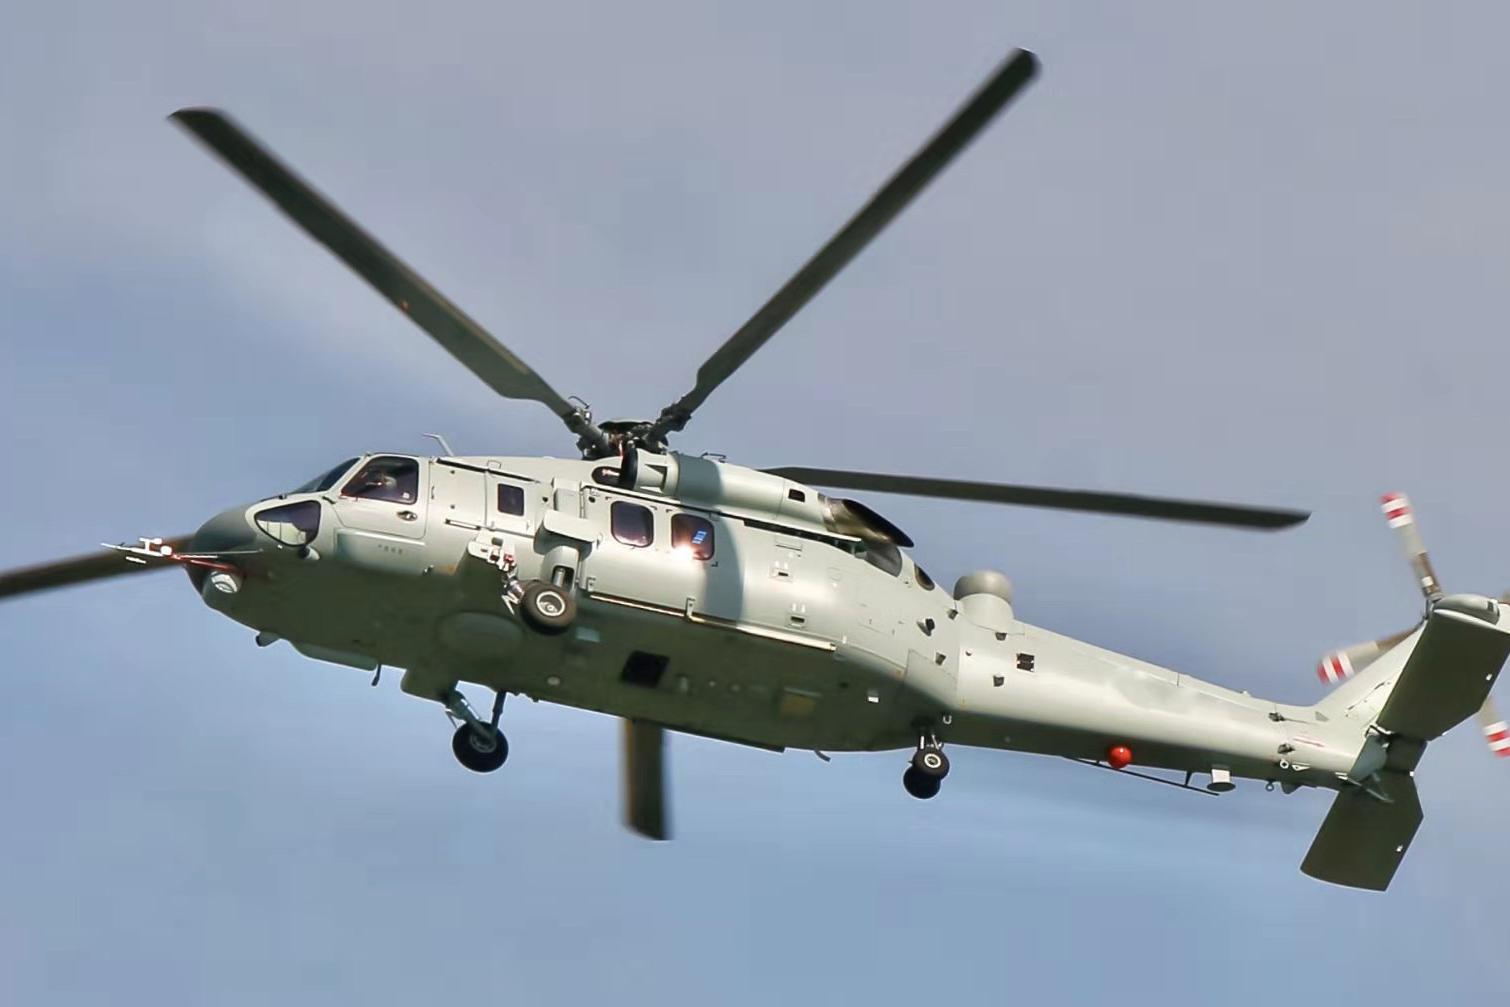 印度国产舰载直升机为何难产?一项关键技术被卡,直20却已攻克